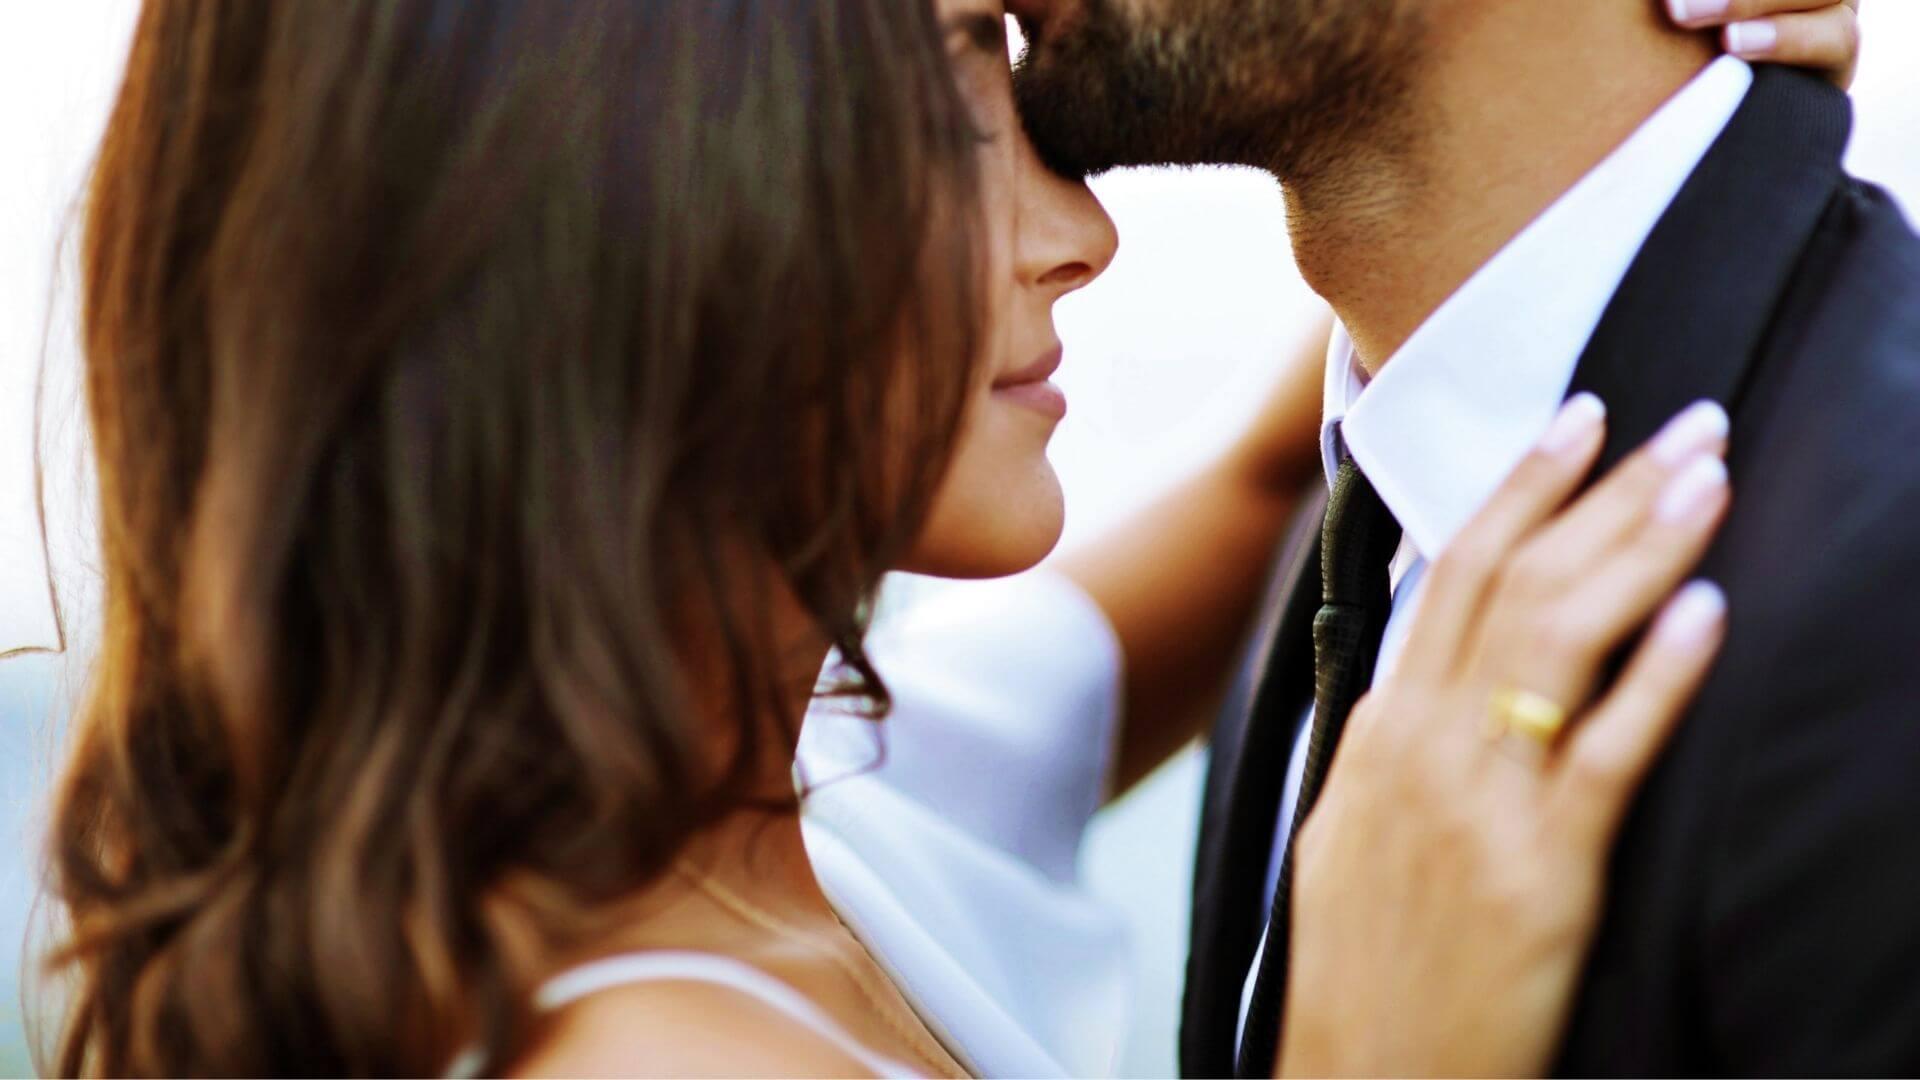 Le marié embrasse sa femme sur le front à Rouen